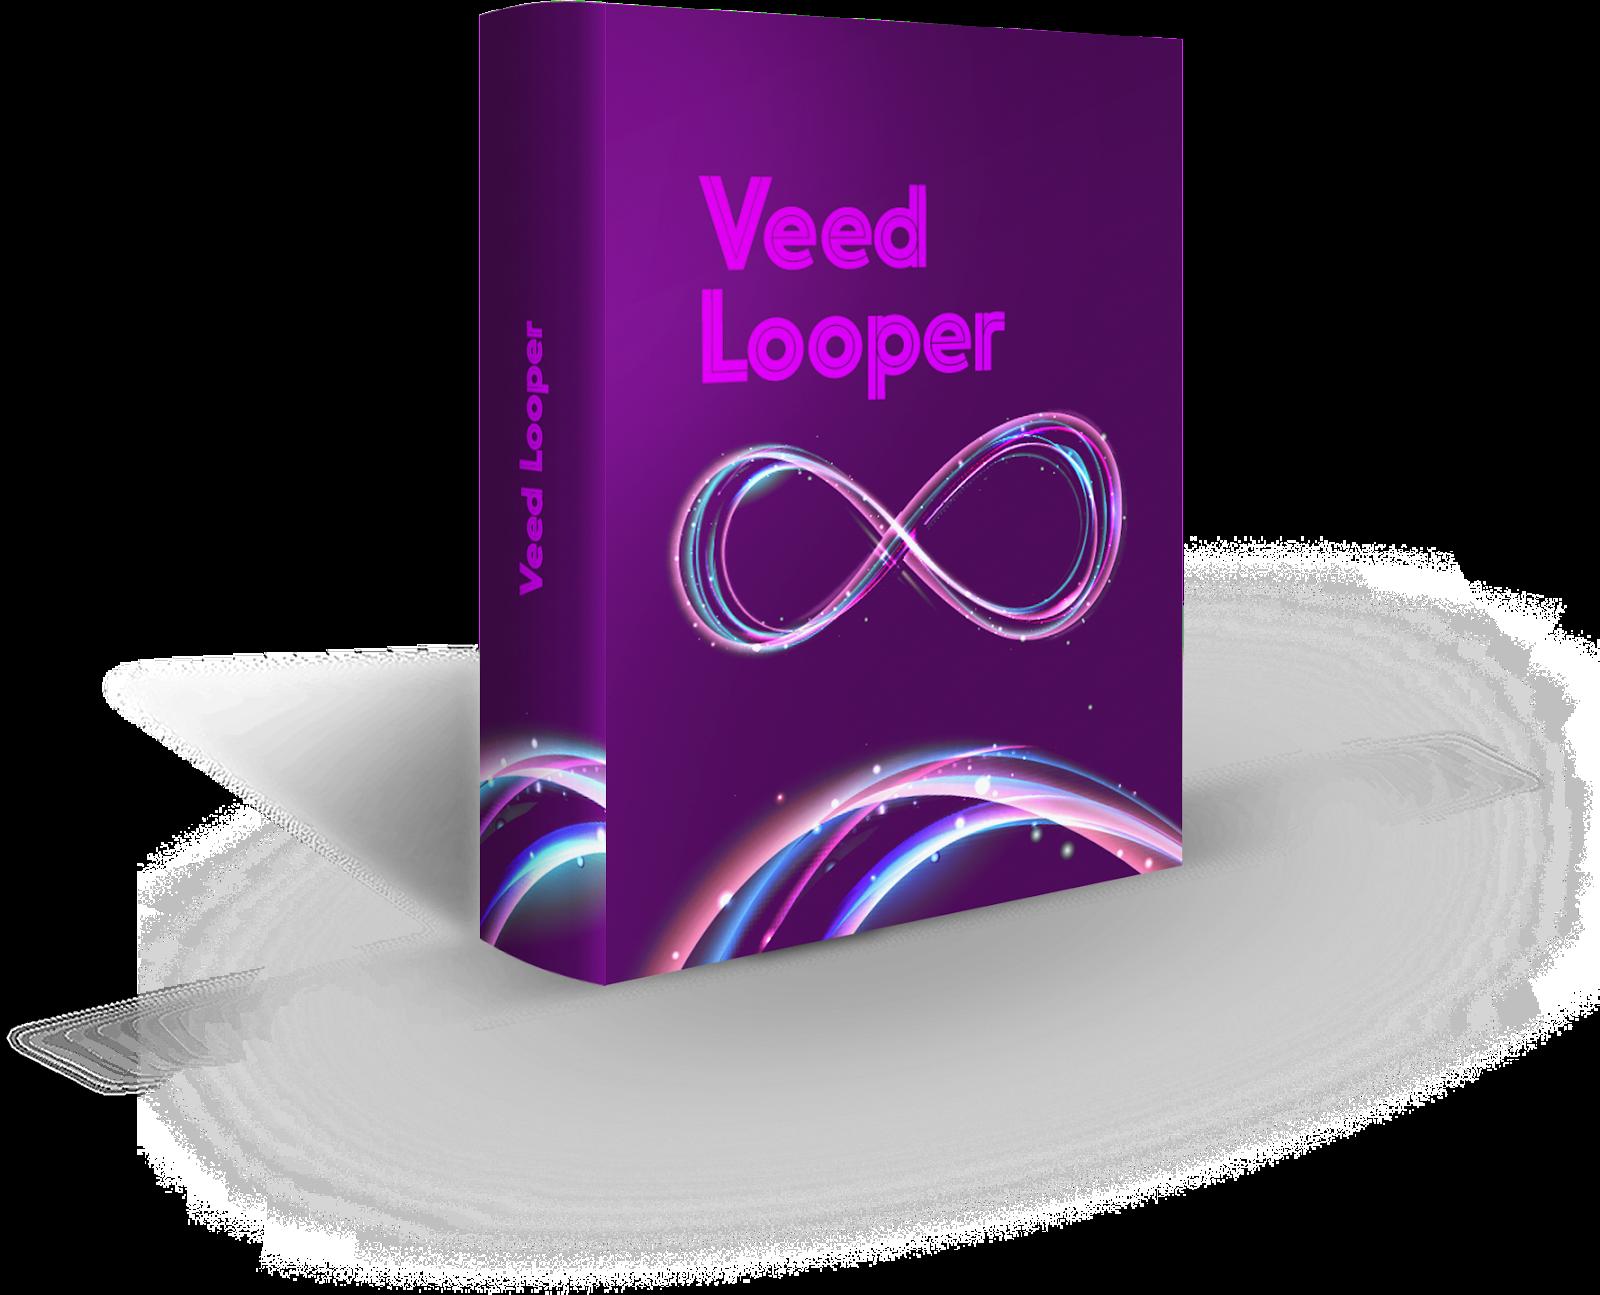 Veed Looper